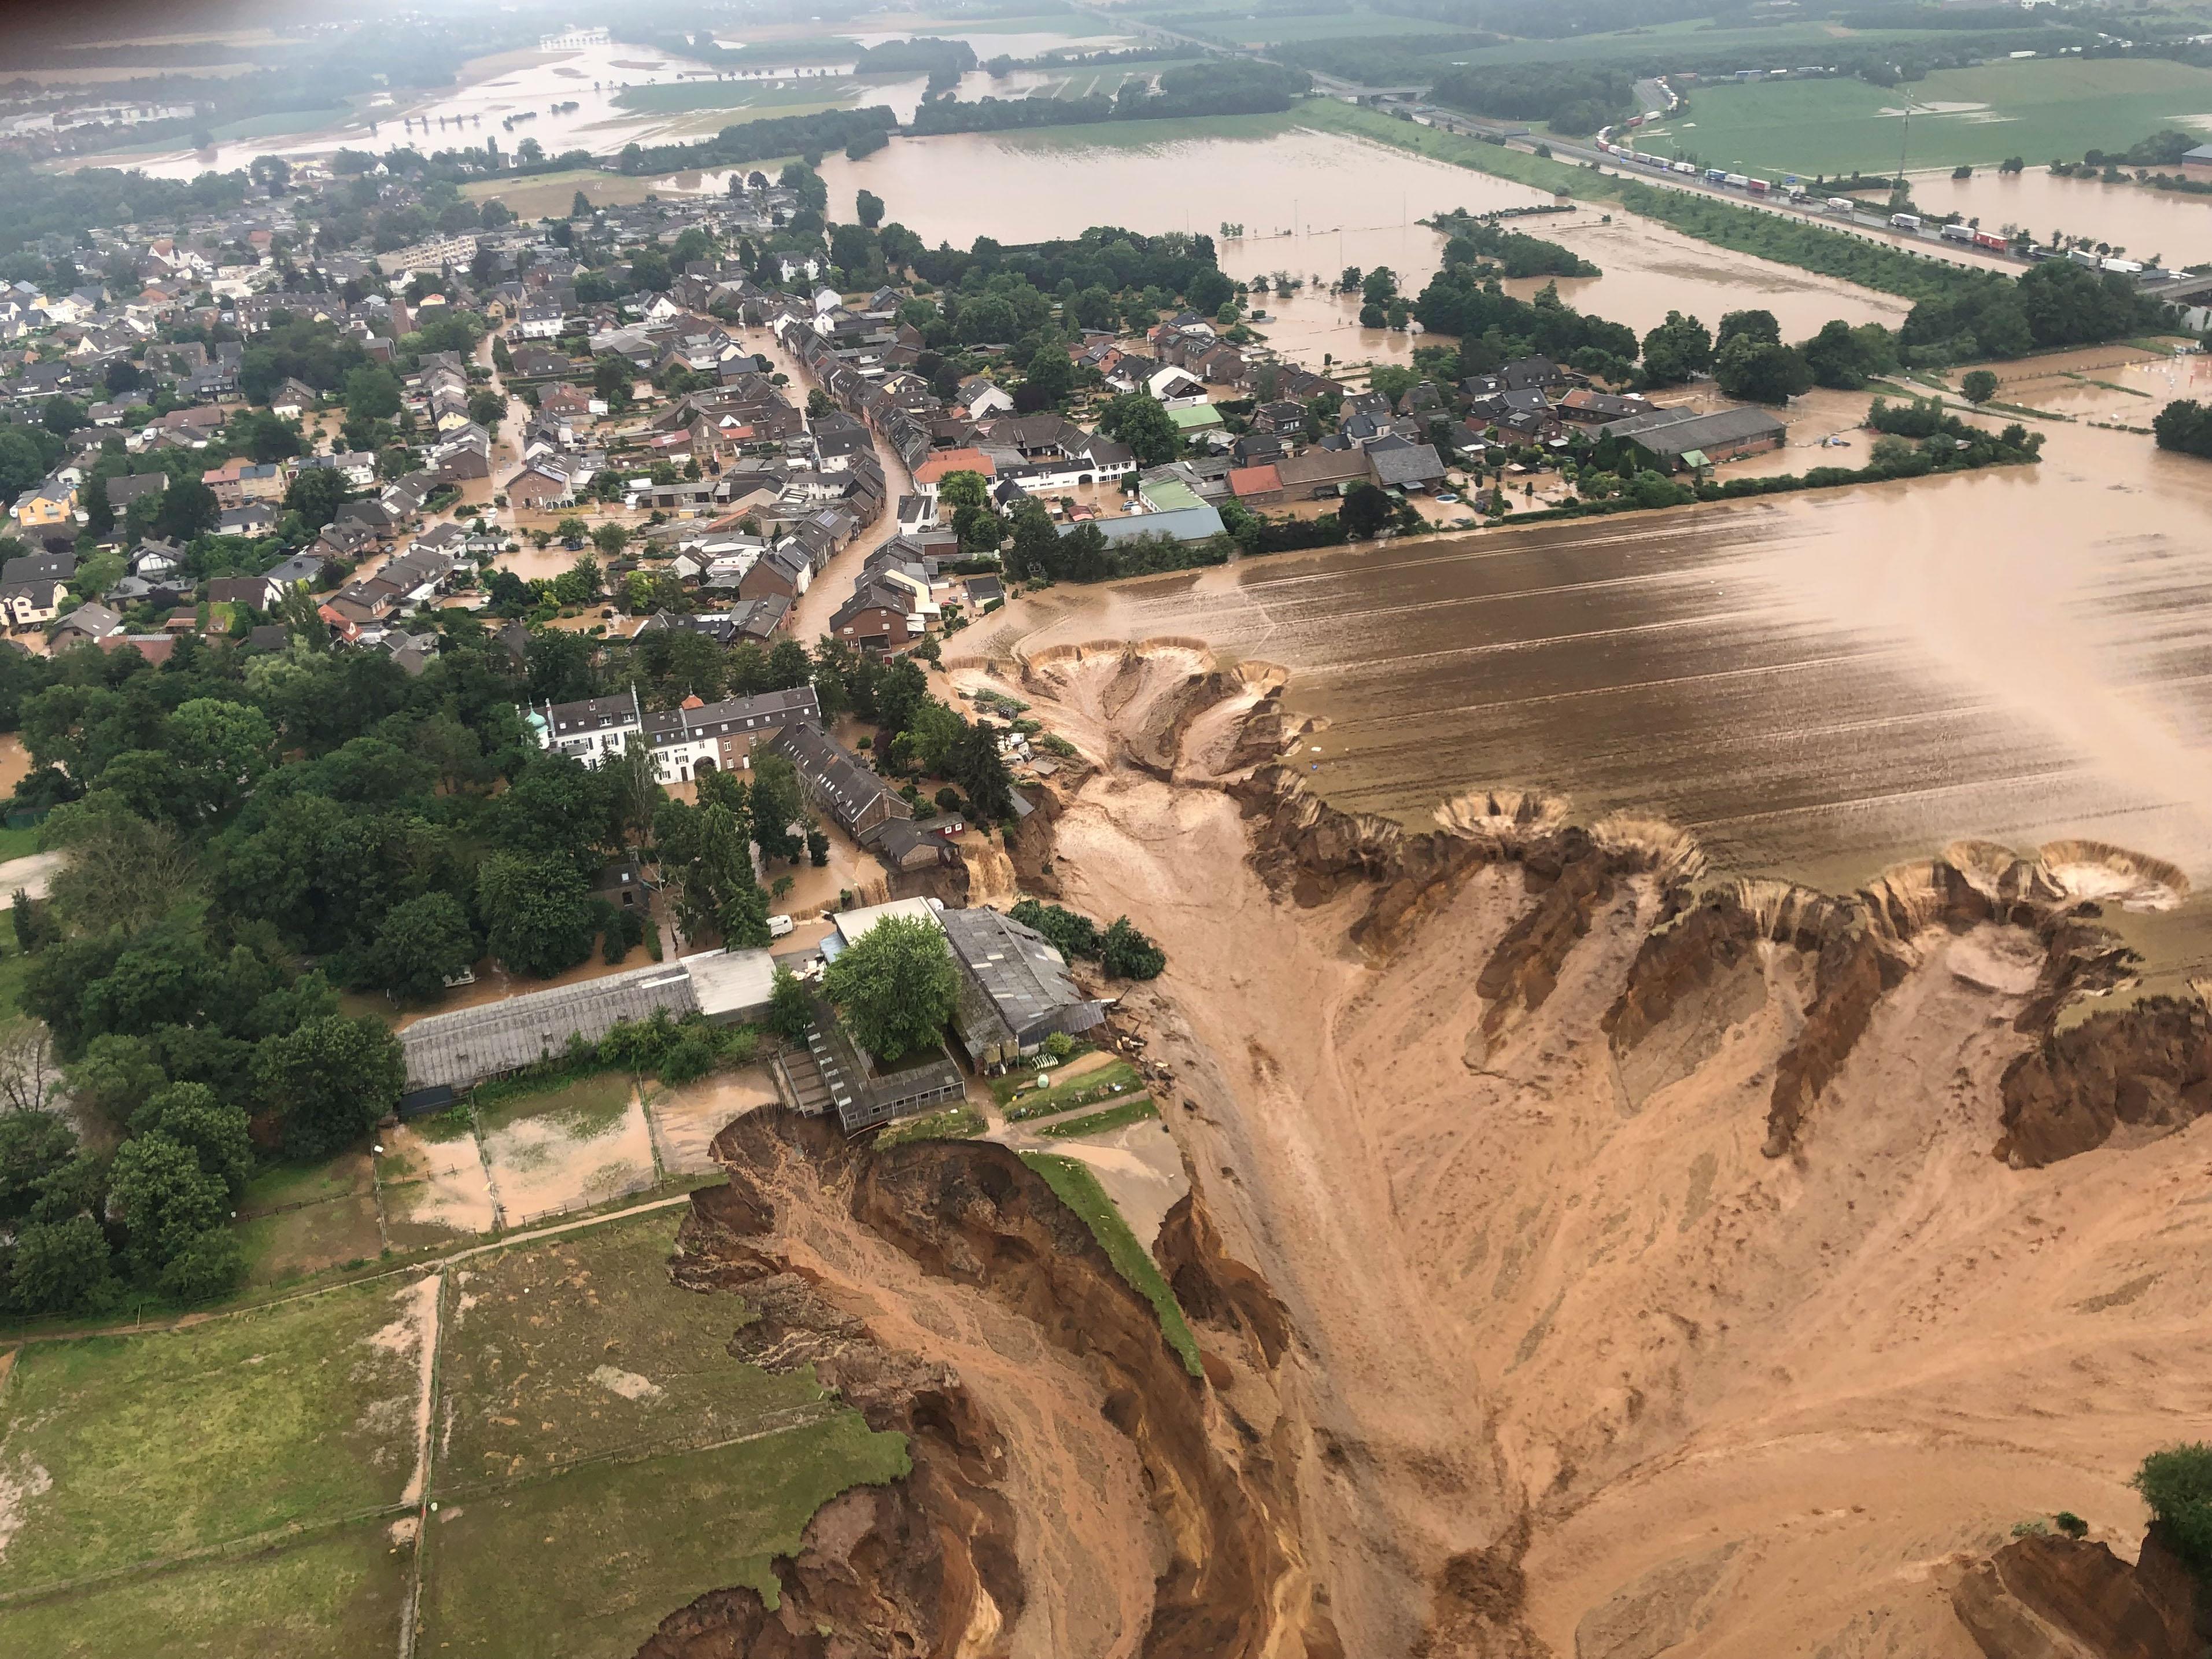 Germania: alunecare de teren, într-o zonă afectată de inundaţii. Bilanţul a crescut la 103 morţi în Germania, 118, în Europa